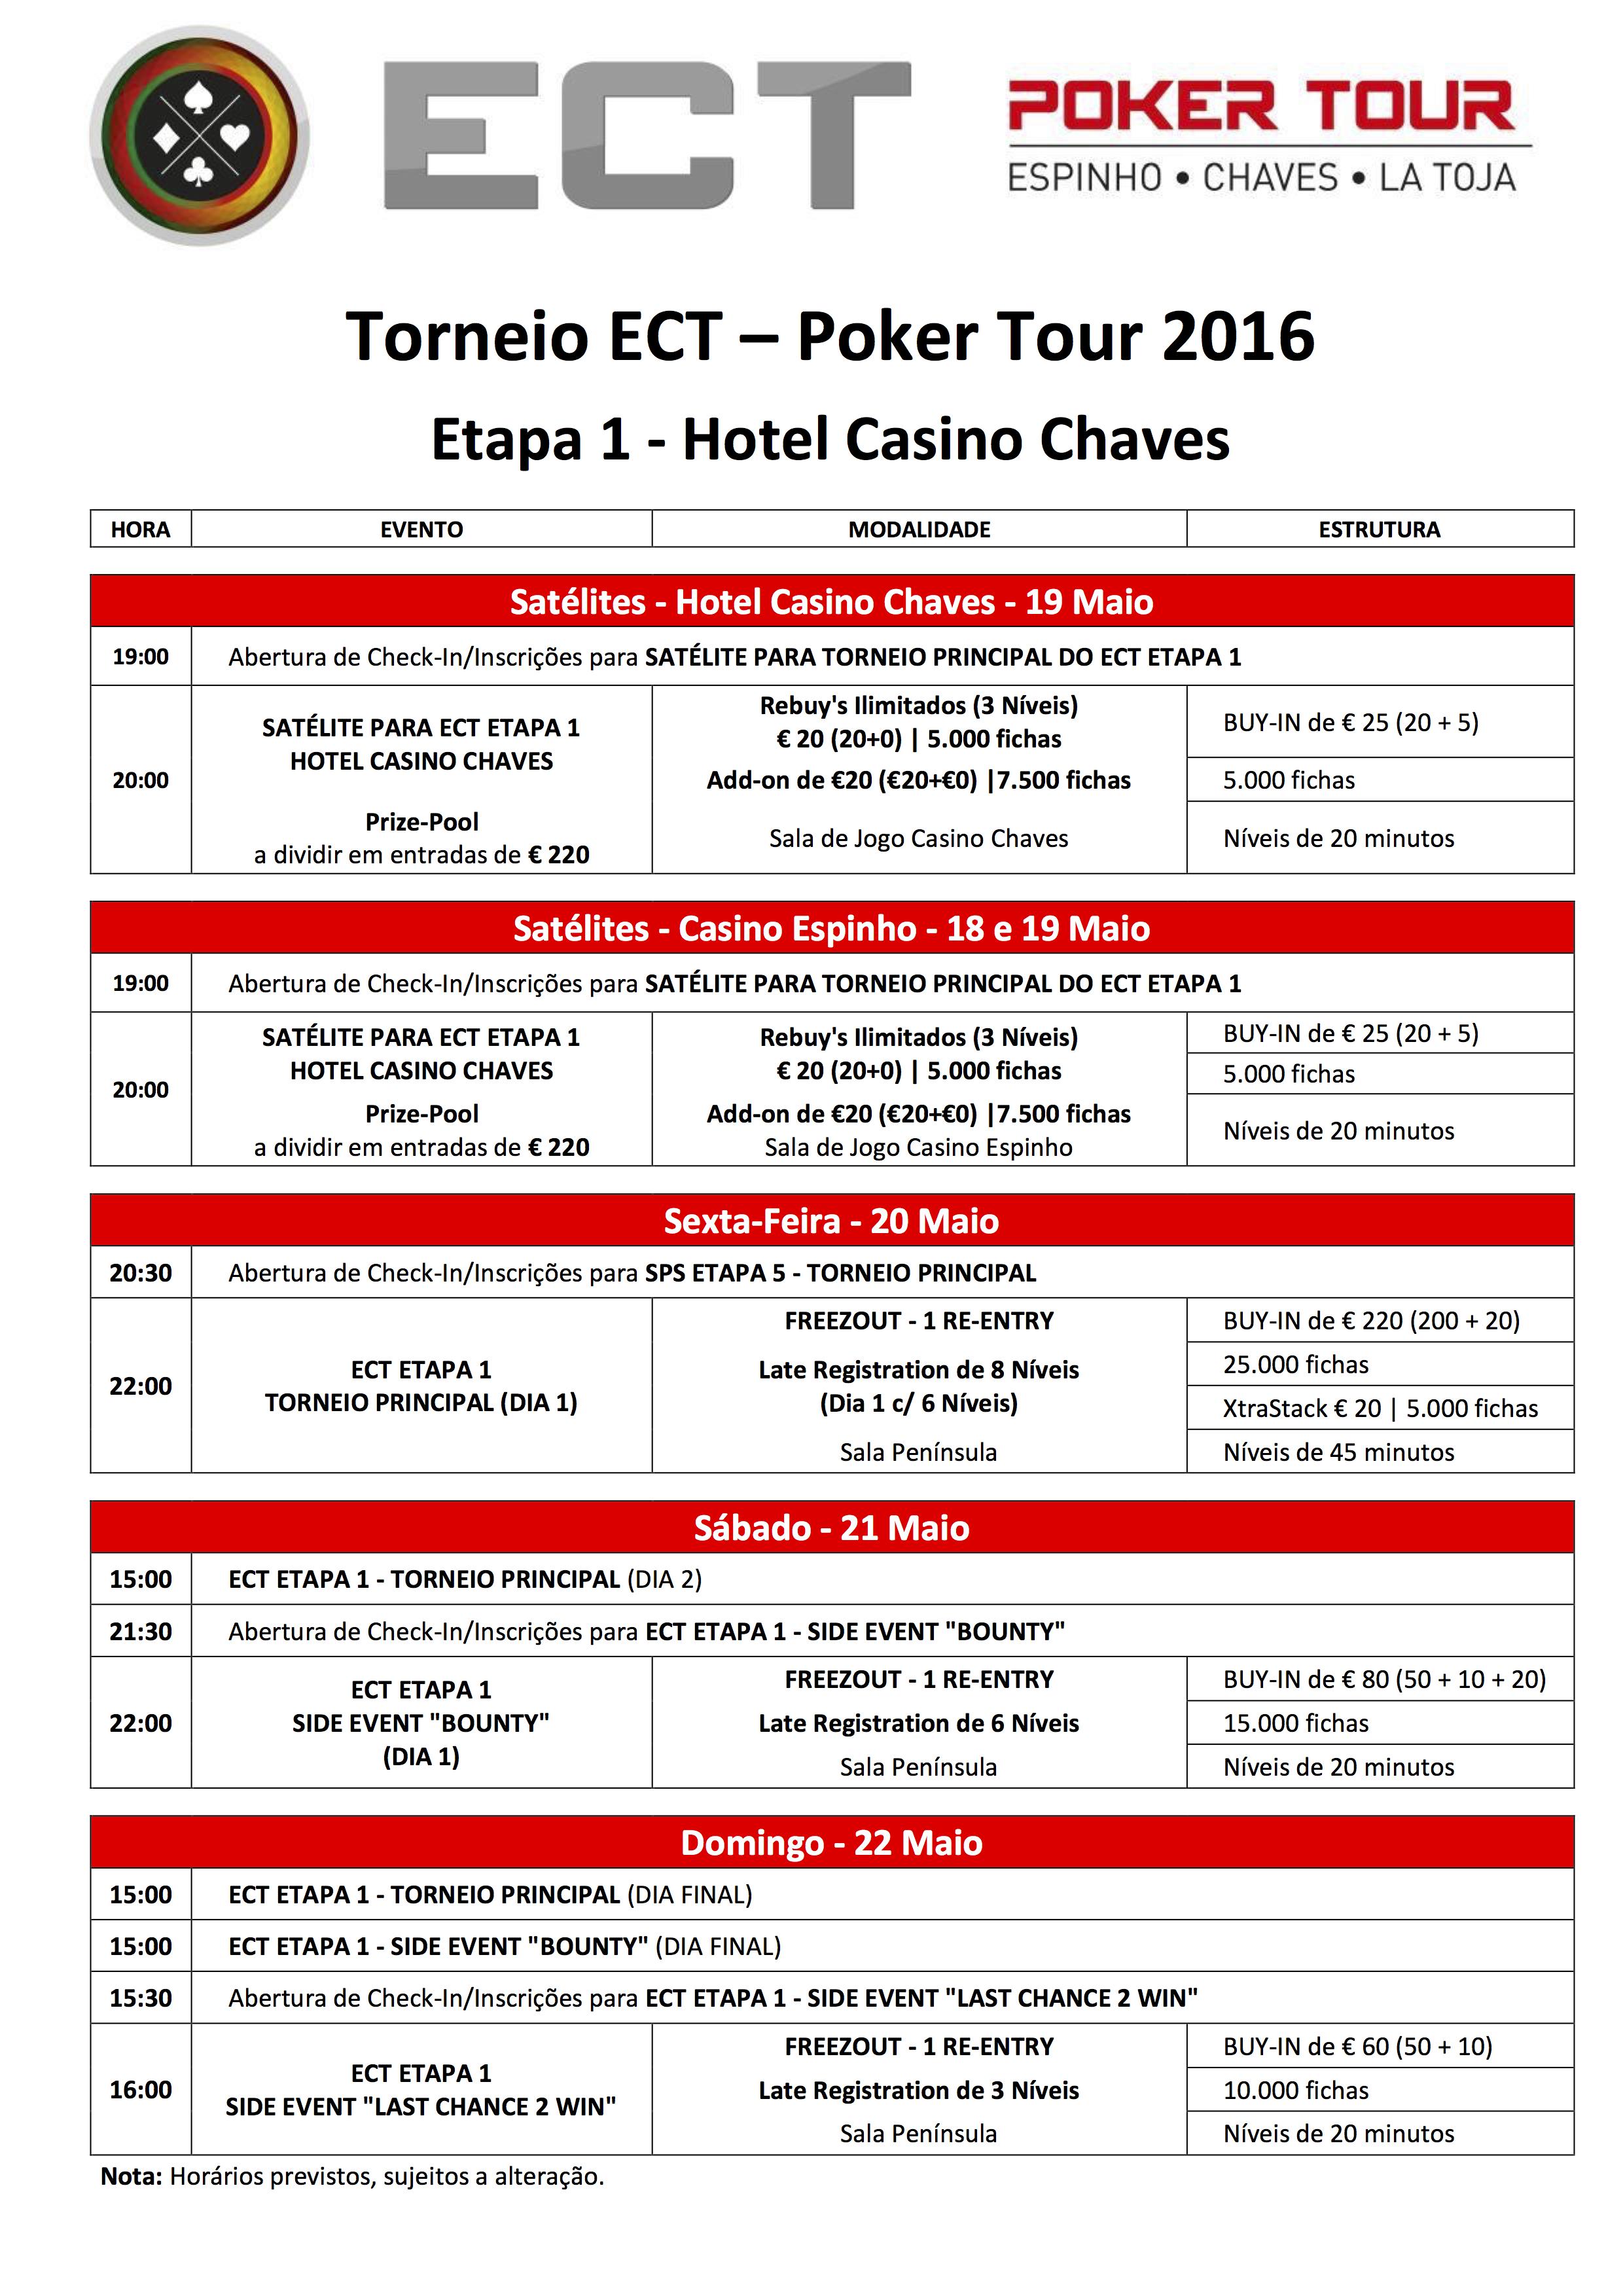 ECT Poker Tour 2016 - Etapa #1 de 20 a 22 de Maio no Hotel Casino Chaves 101